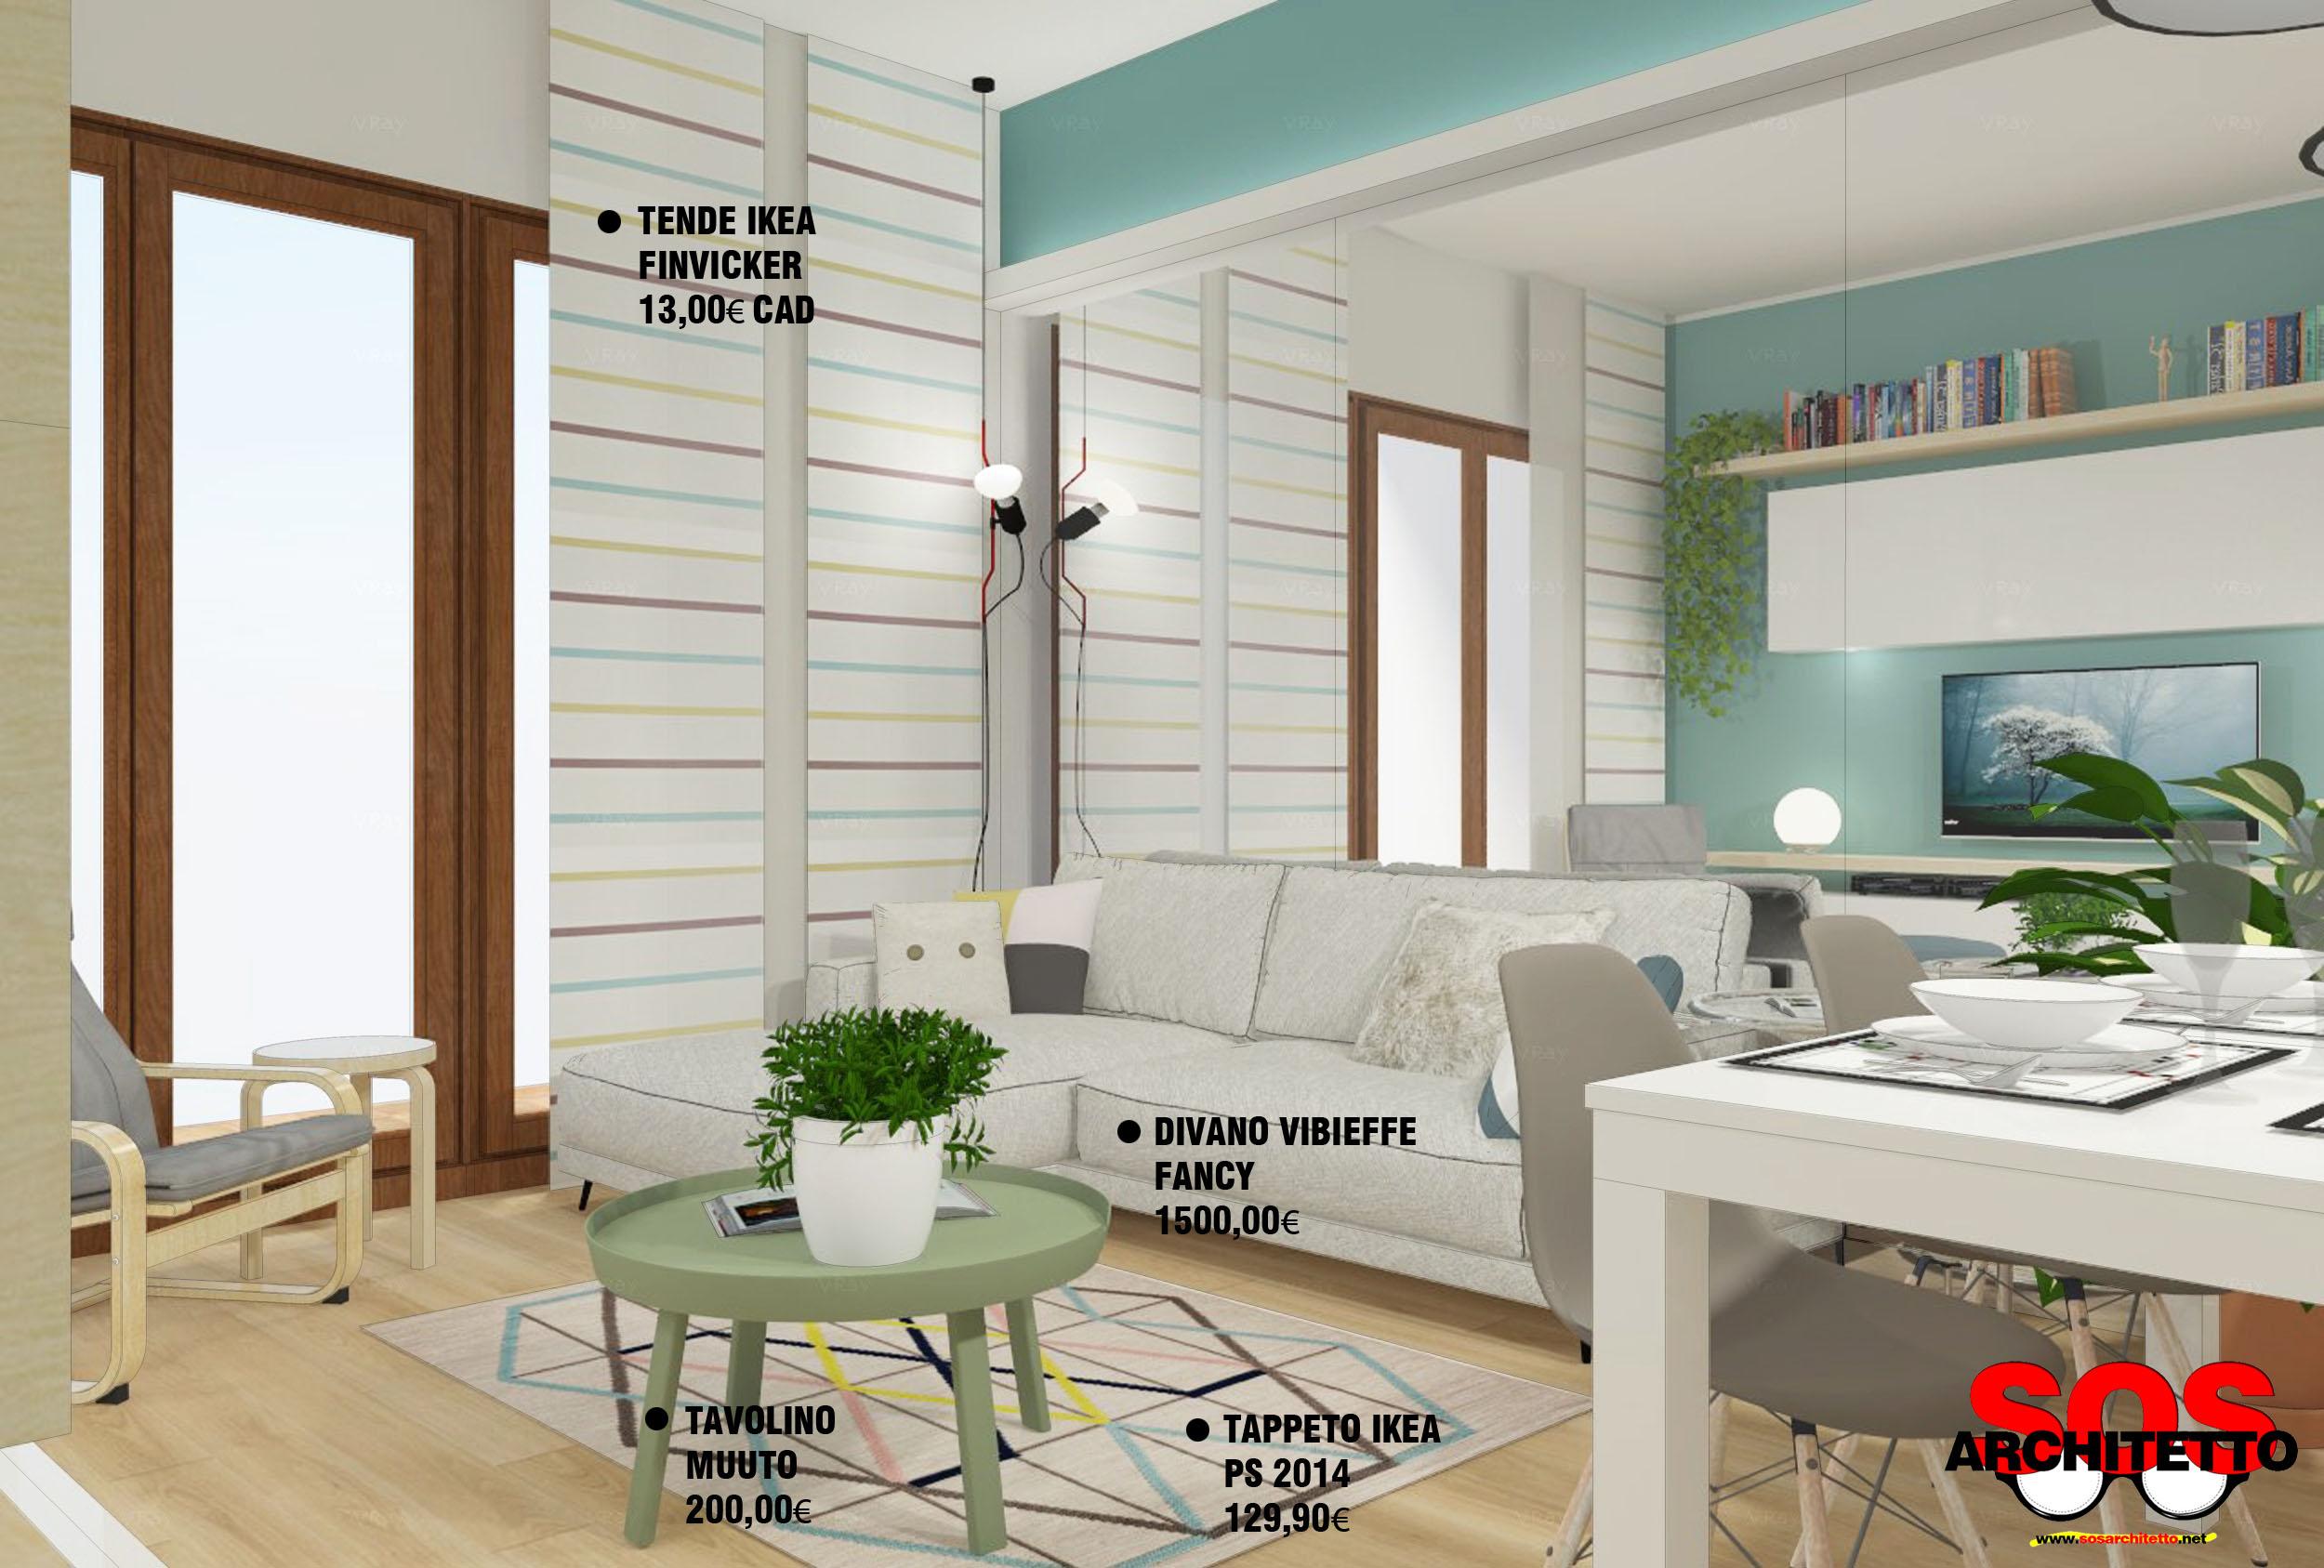 Rivoluzionare un soggiorno con l 39 arredamento giusto - Arredamento ikea soggiorno ...